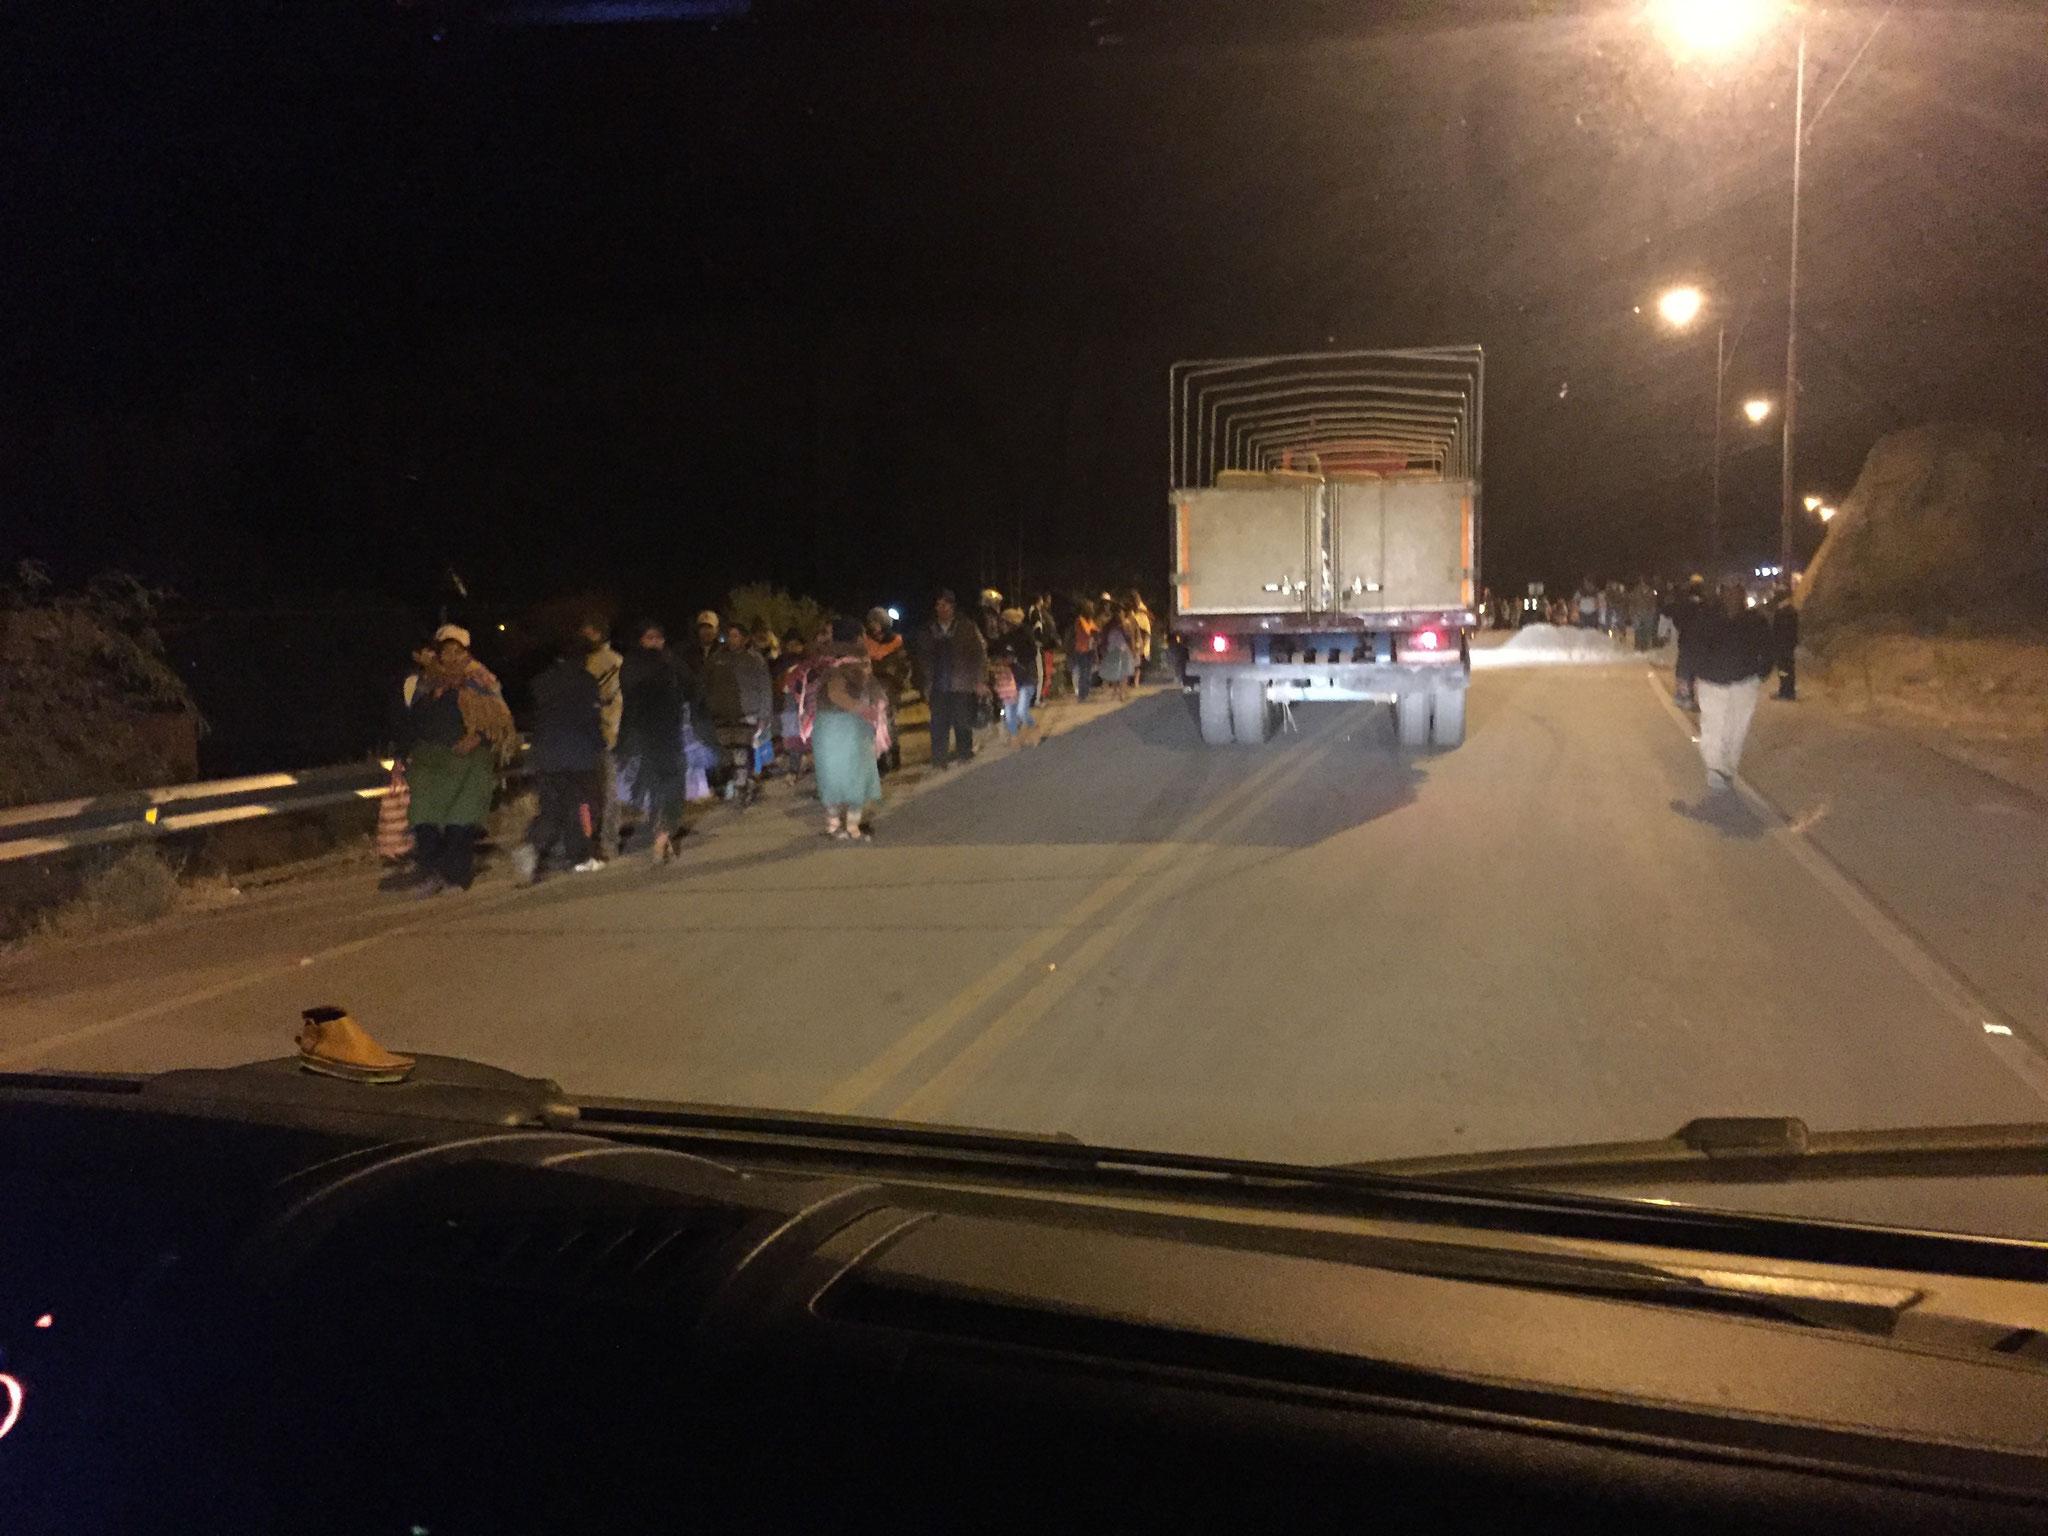 nach 48 Stunden (für uns 33 Std) wurde die Blockade von der Polizei aufgelöst